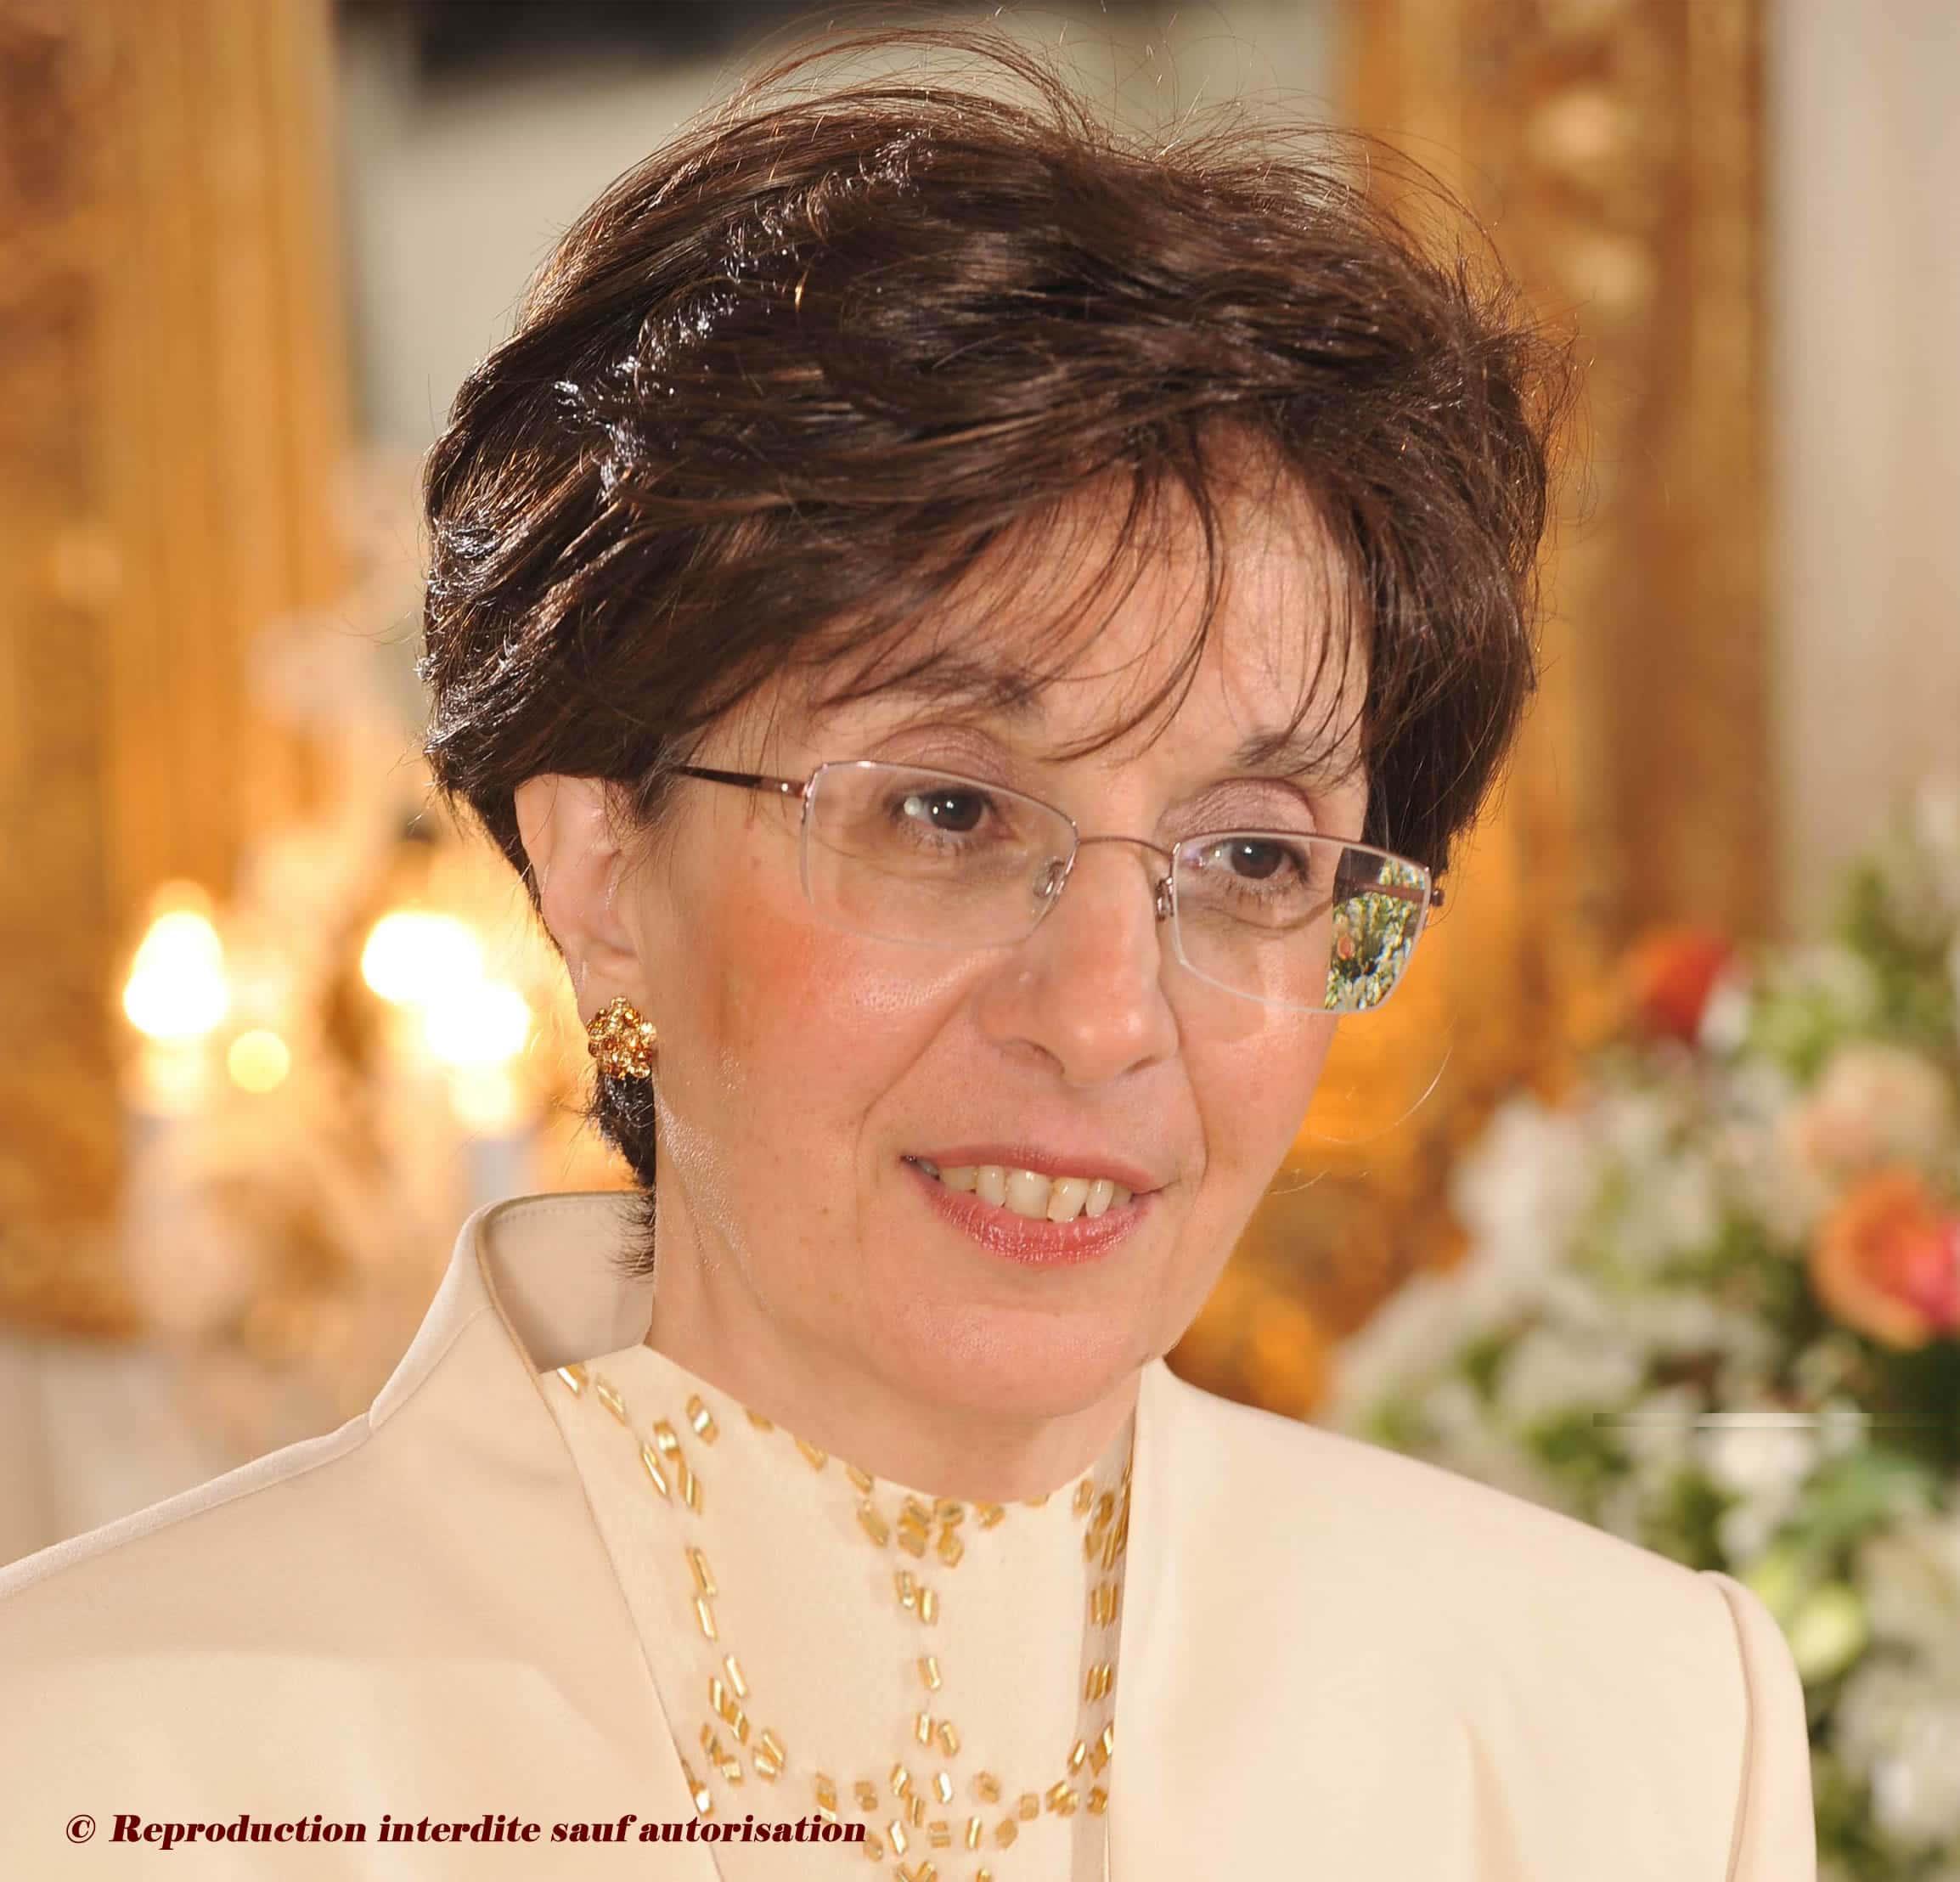 Meurtre de Sarah Halimi : vers une reconstitution